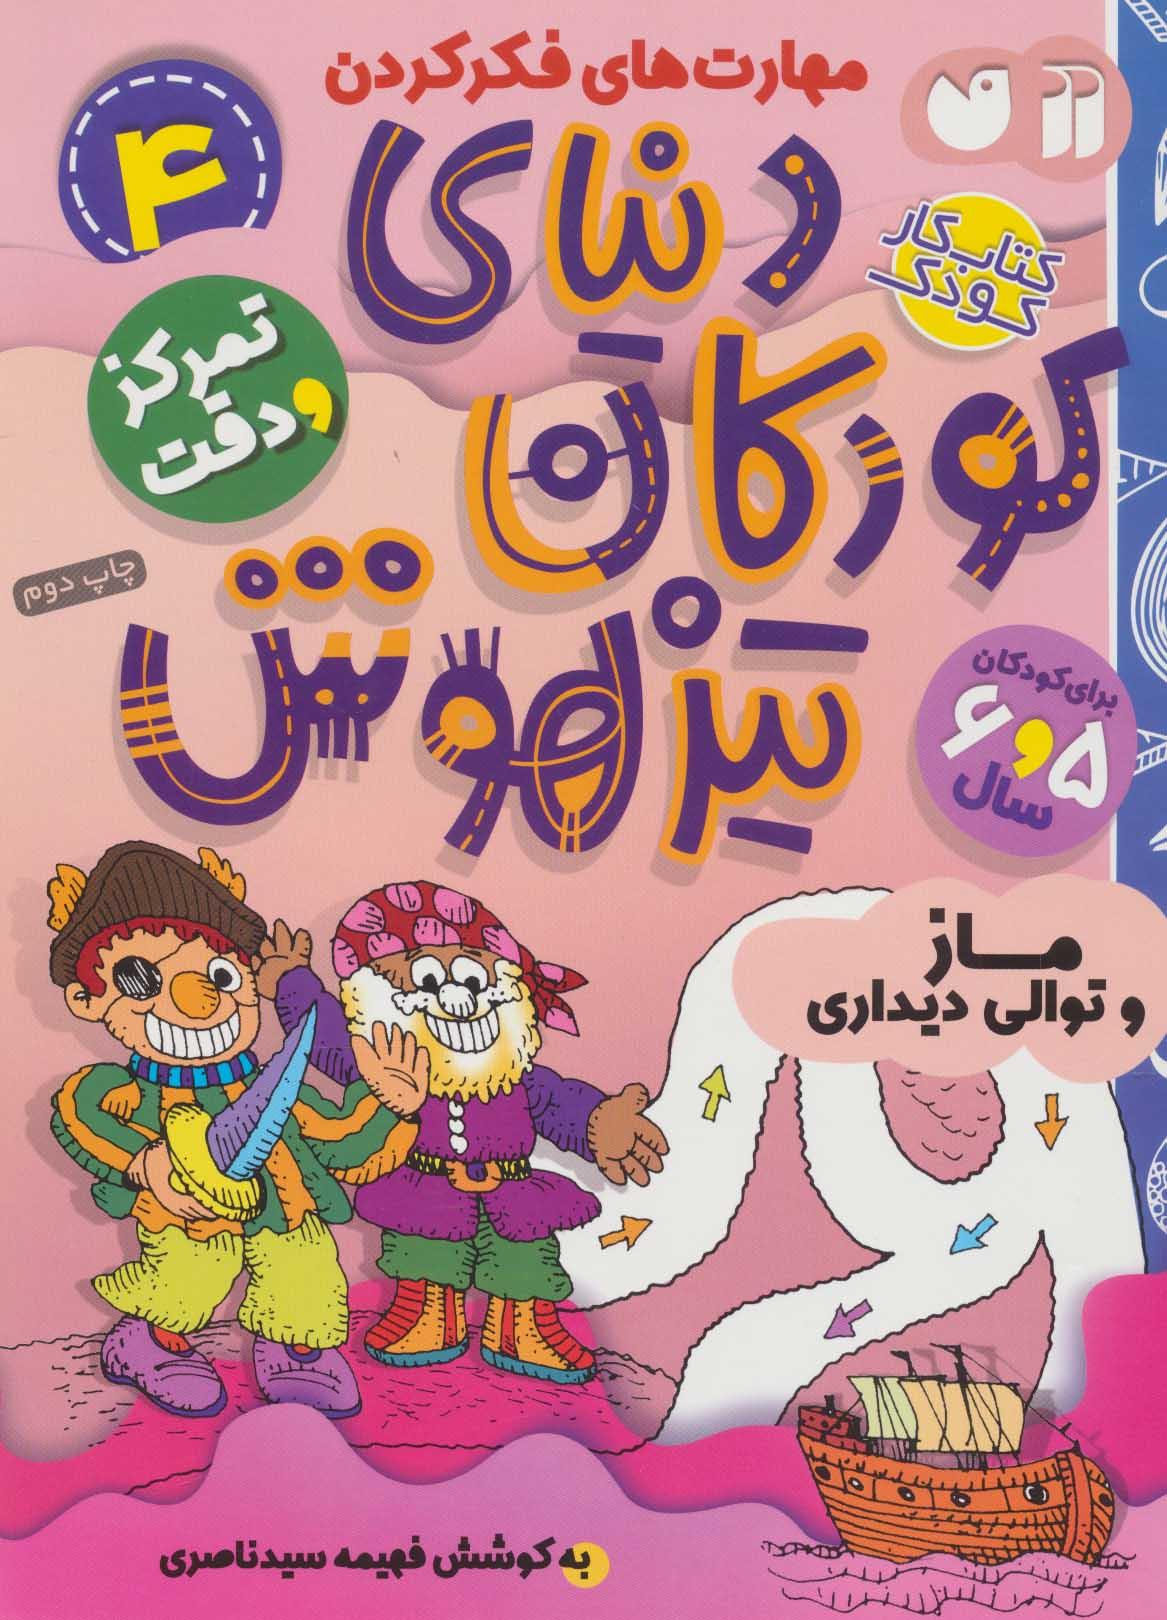 کتاب کار دنیای کودکان تیزهوش 4 (مهارت های فکر کردن:تمرکز و دقت)